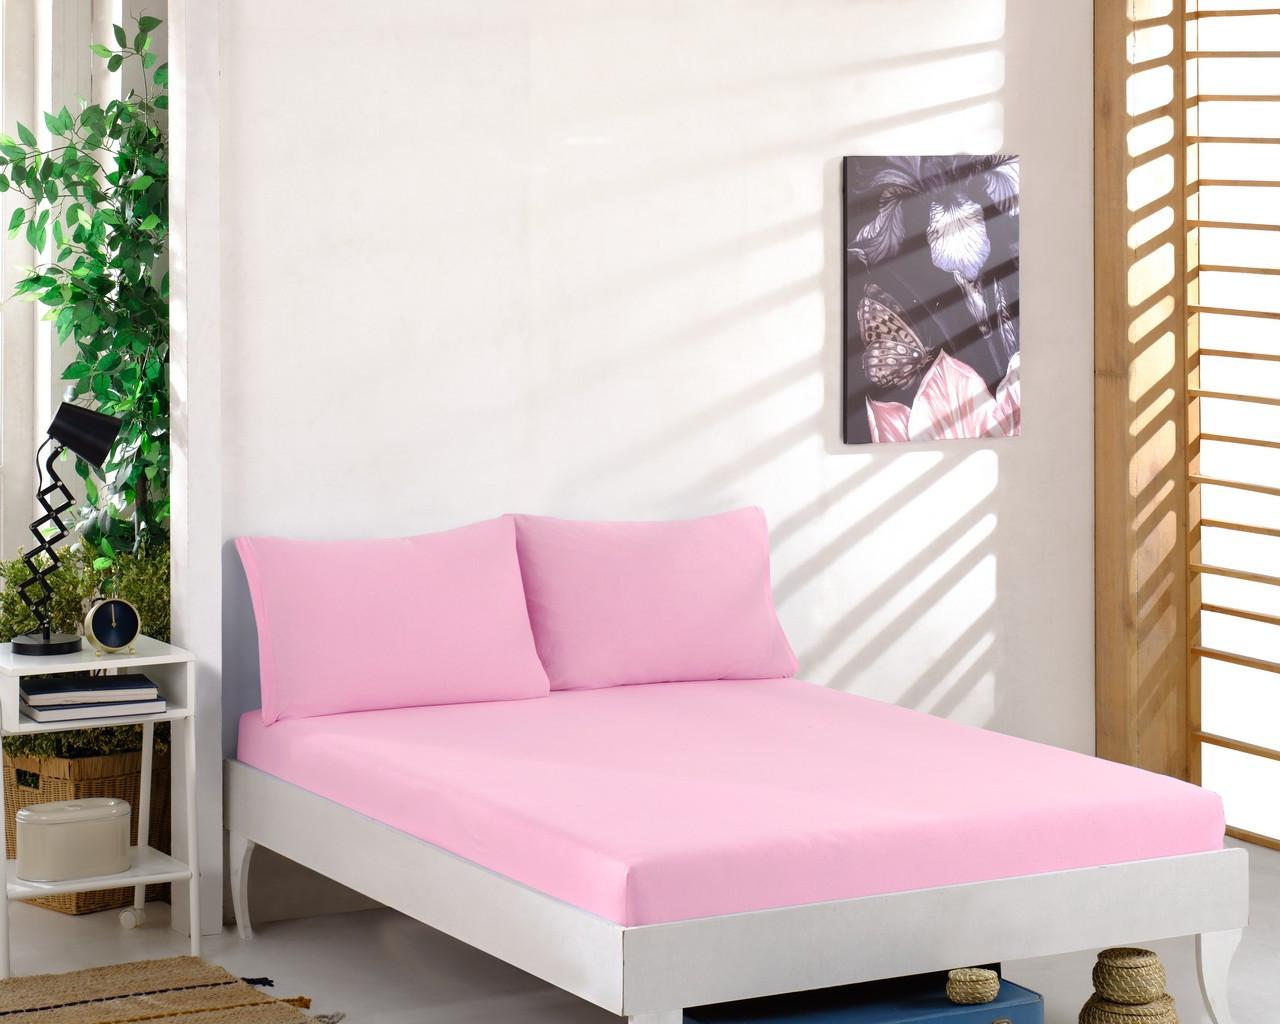 Простынь трикотажная на резинке спальное место  160 x 200 см с 2 наволочками 50*70 см Цвет Розовый